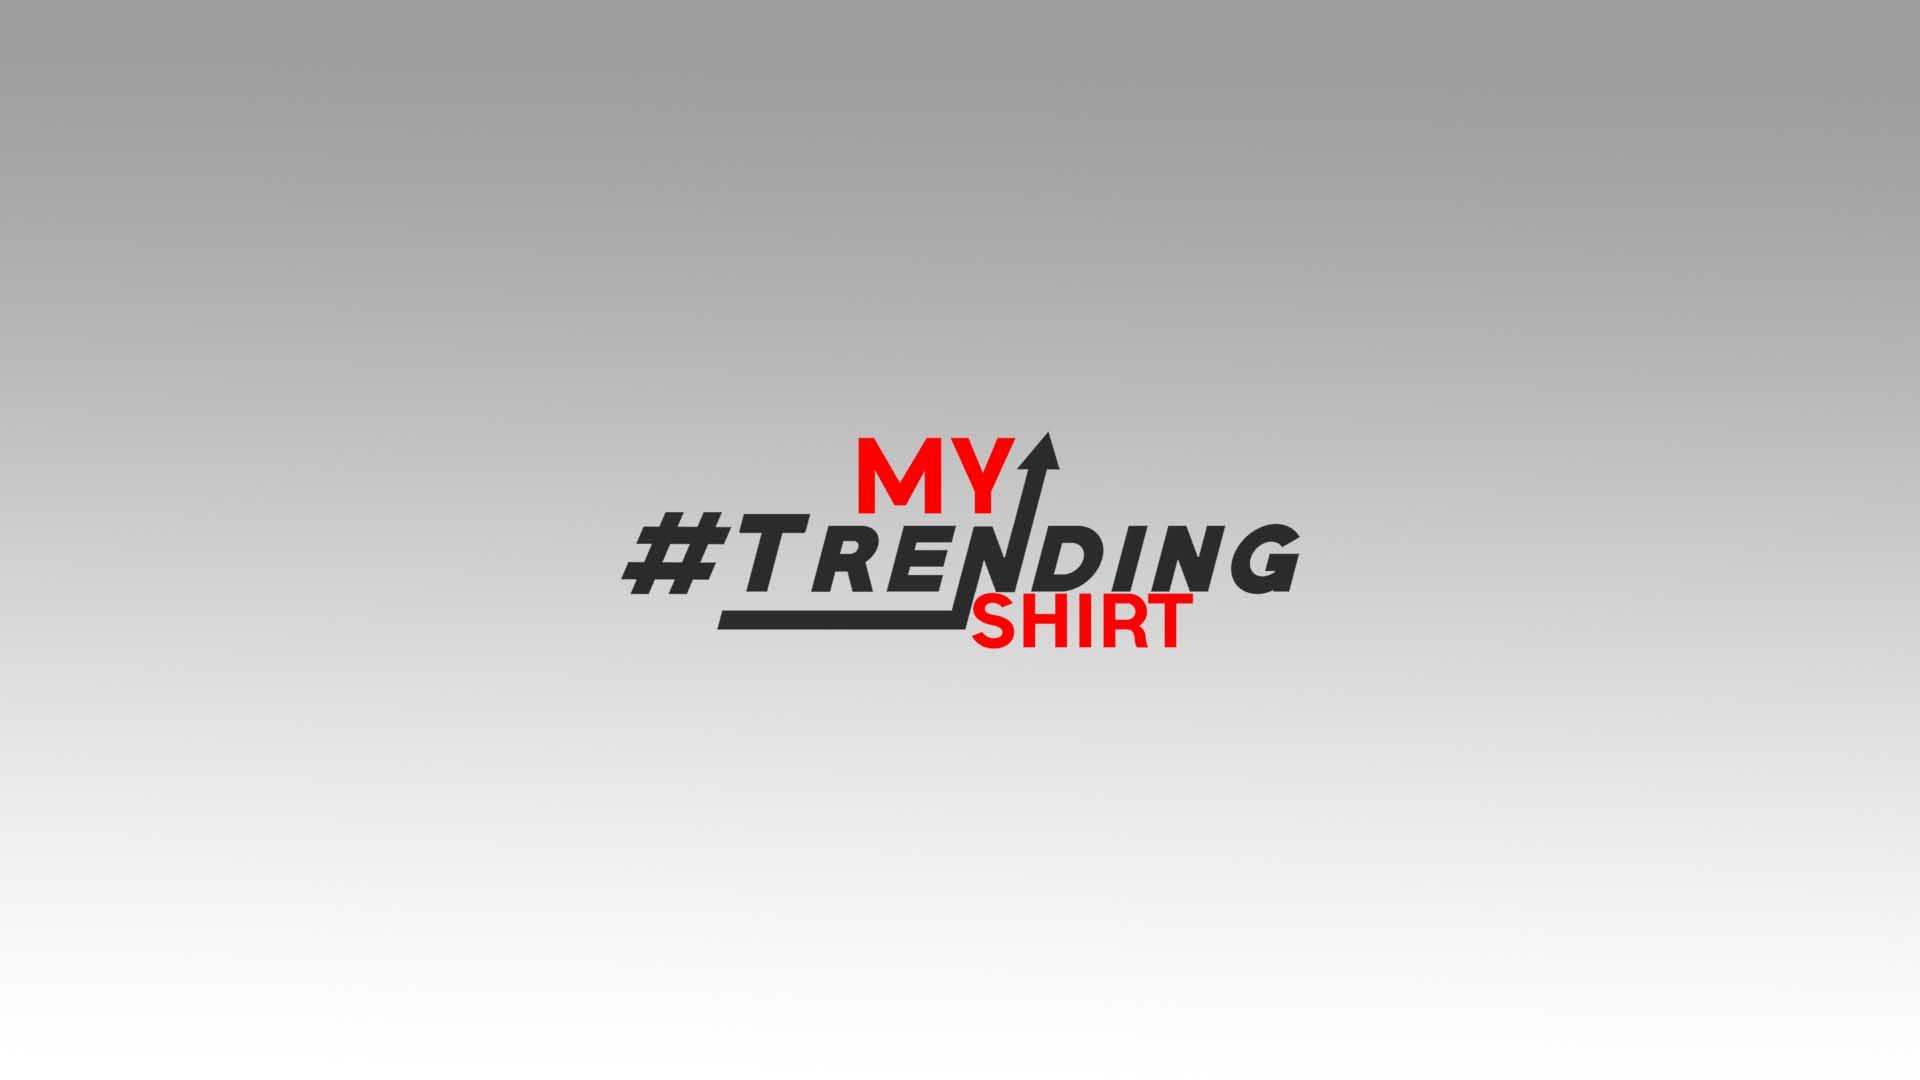 Mytrendingshirt